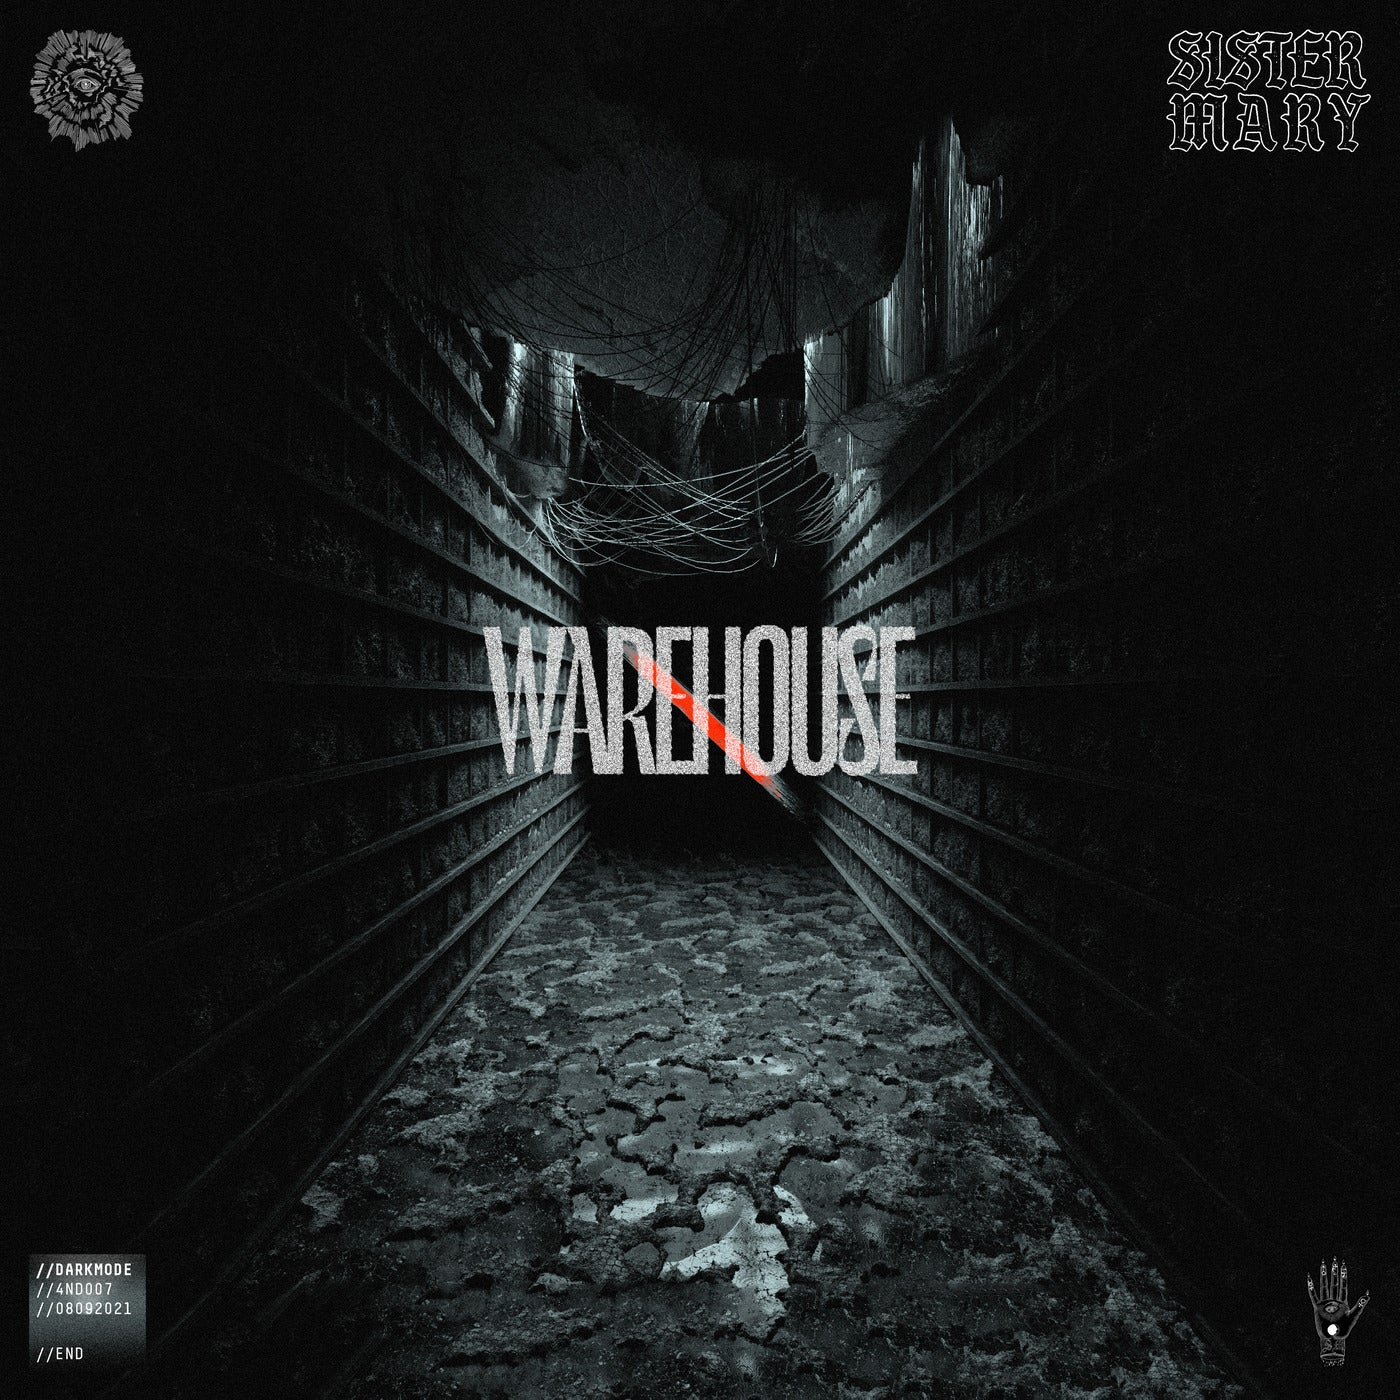 Warehouse (Original Mix)